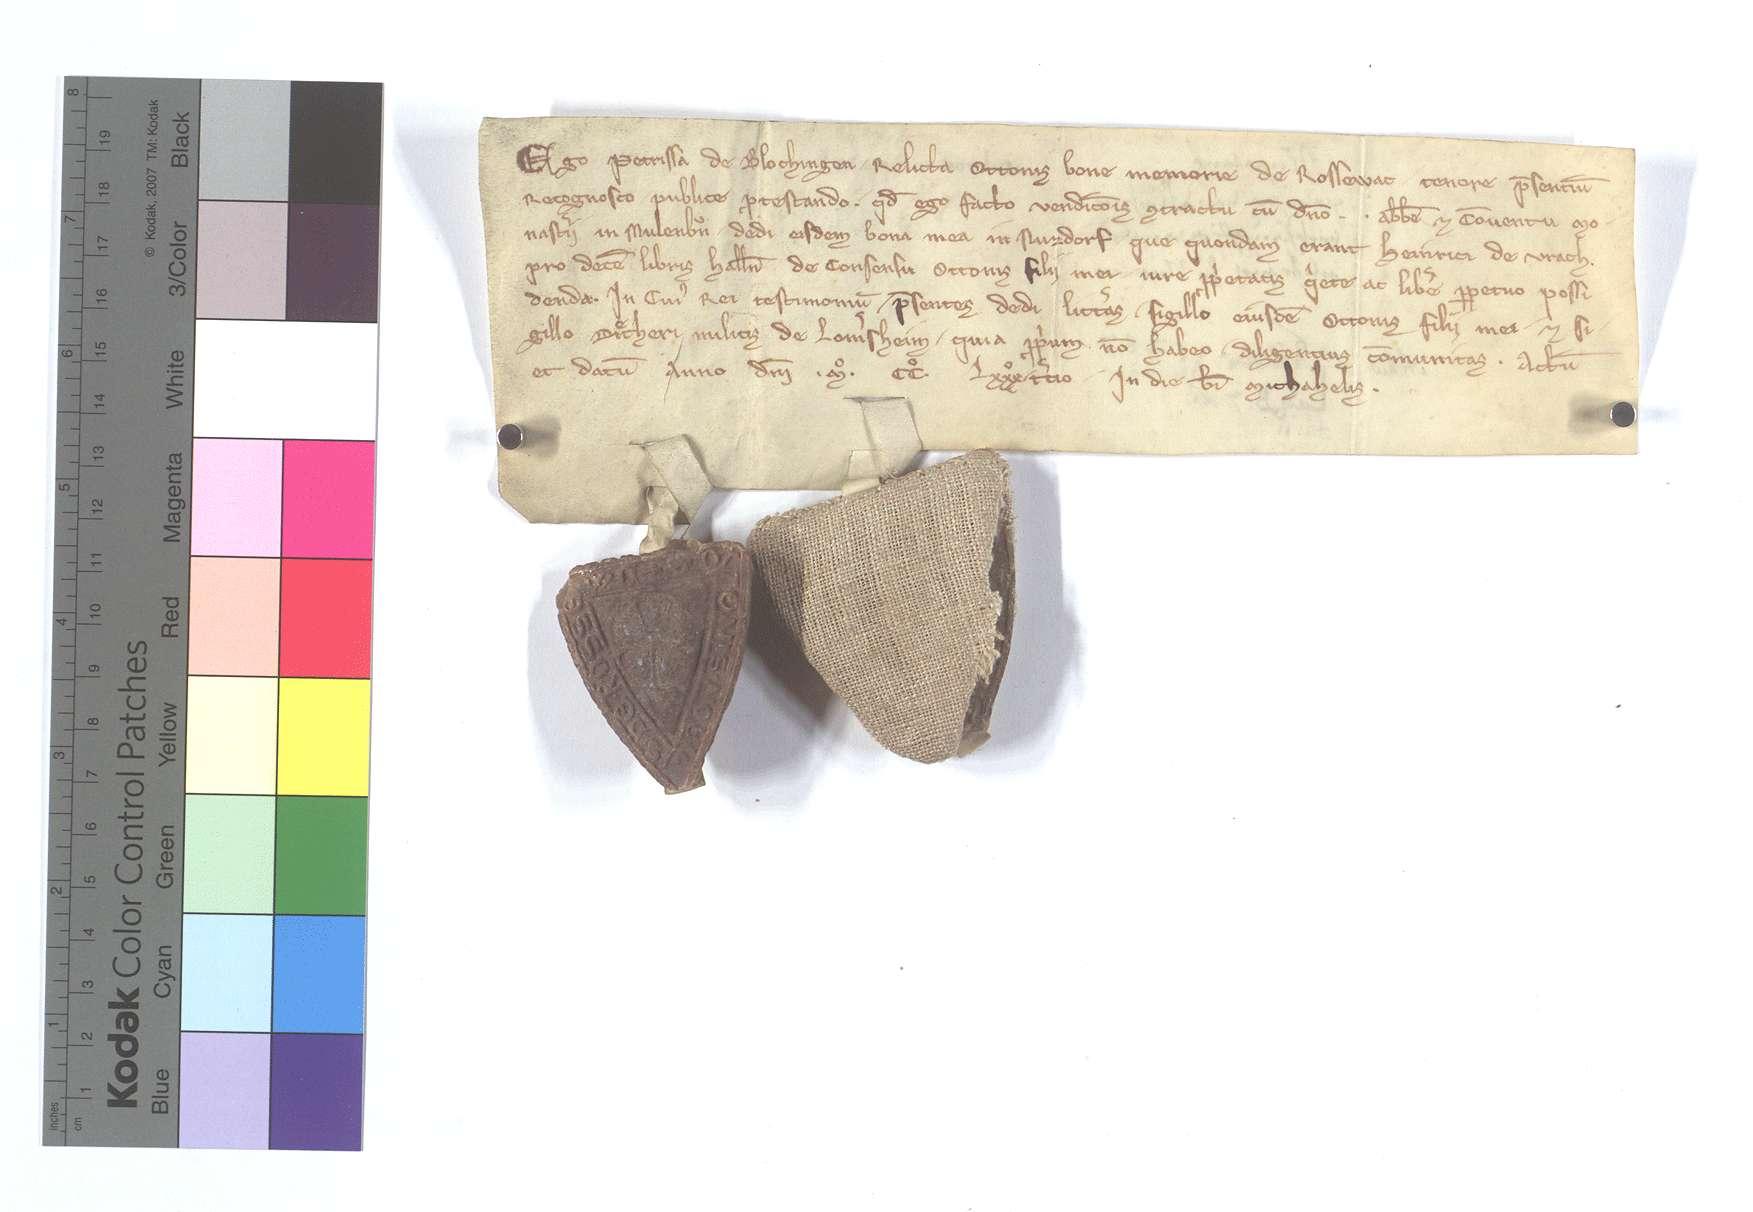 Petrissa von Plochingen, Witwe Ottos von Roßwag, verkauft mit Zustimmung ihres Sohnes Otto an Abt und Konvent von Maulbronn ihre Güter in Nußdorf, die ehedem Heinrich von Aurich gehörten, um 10 Pfund Heller., Text